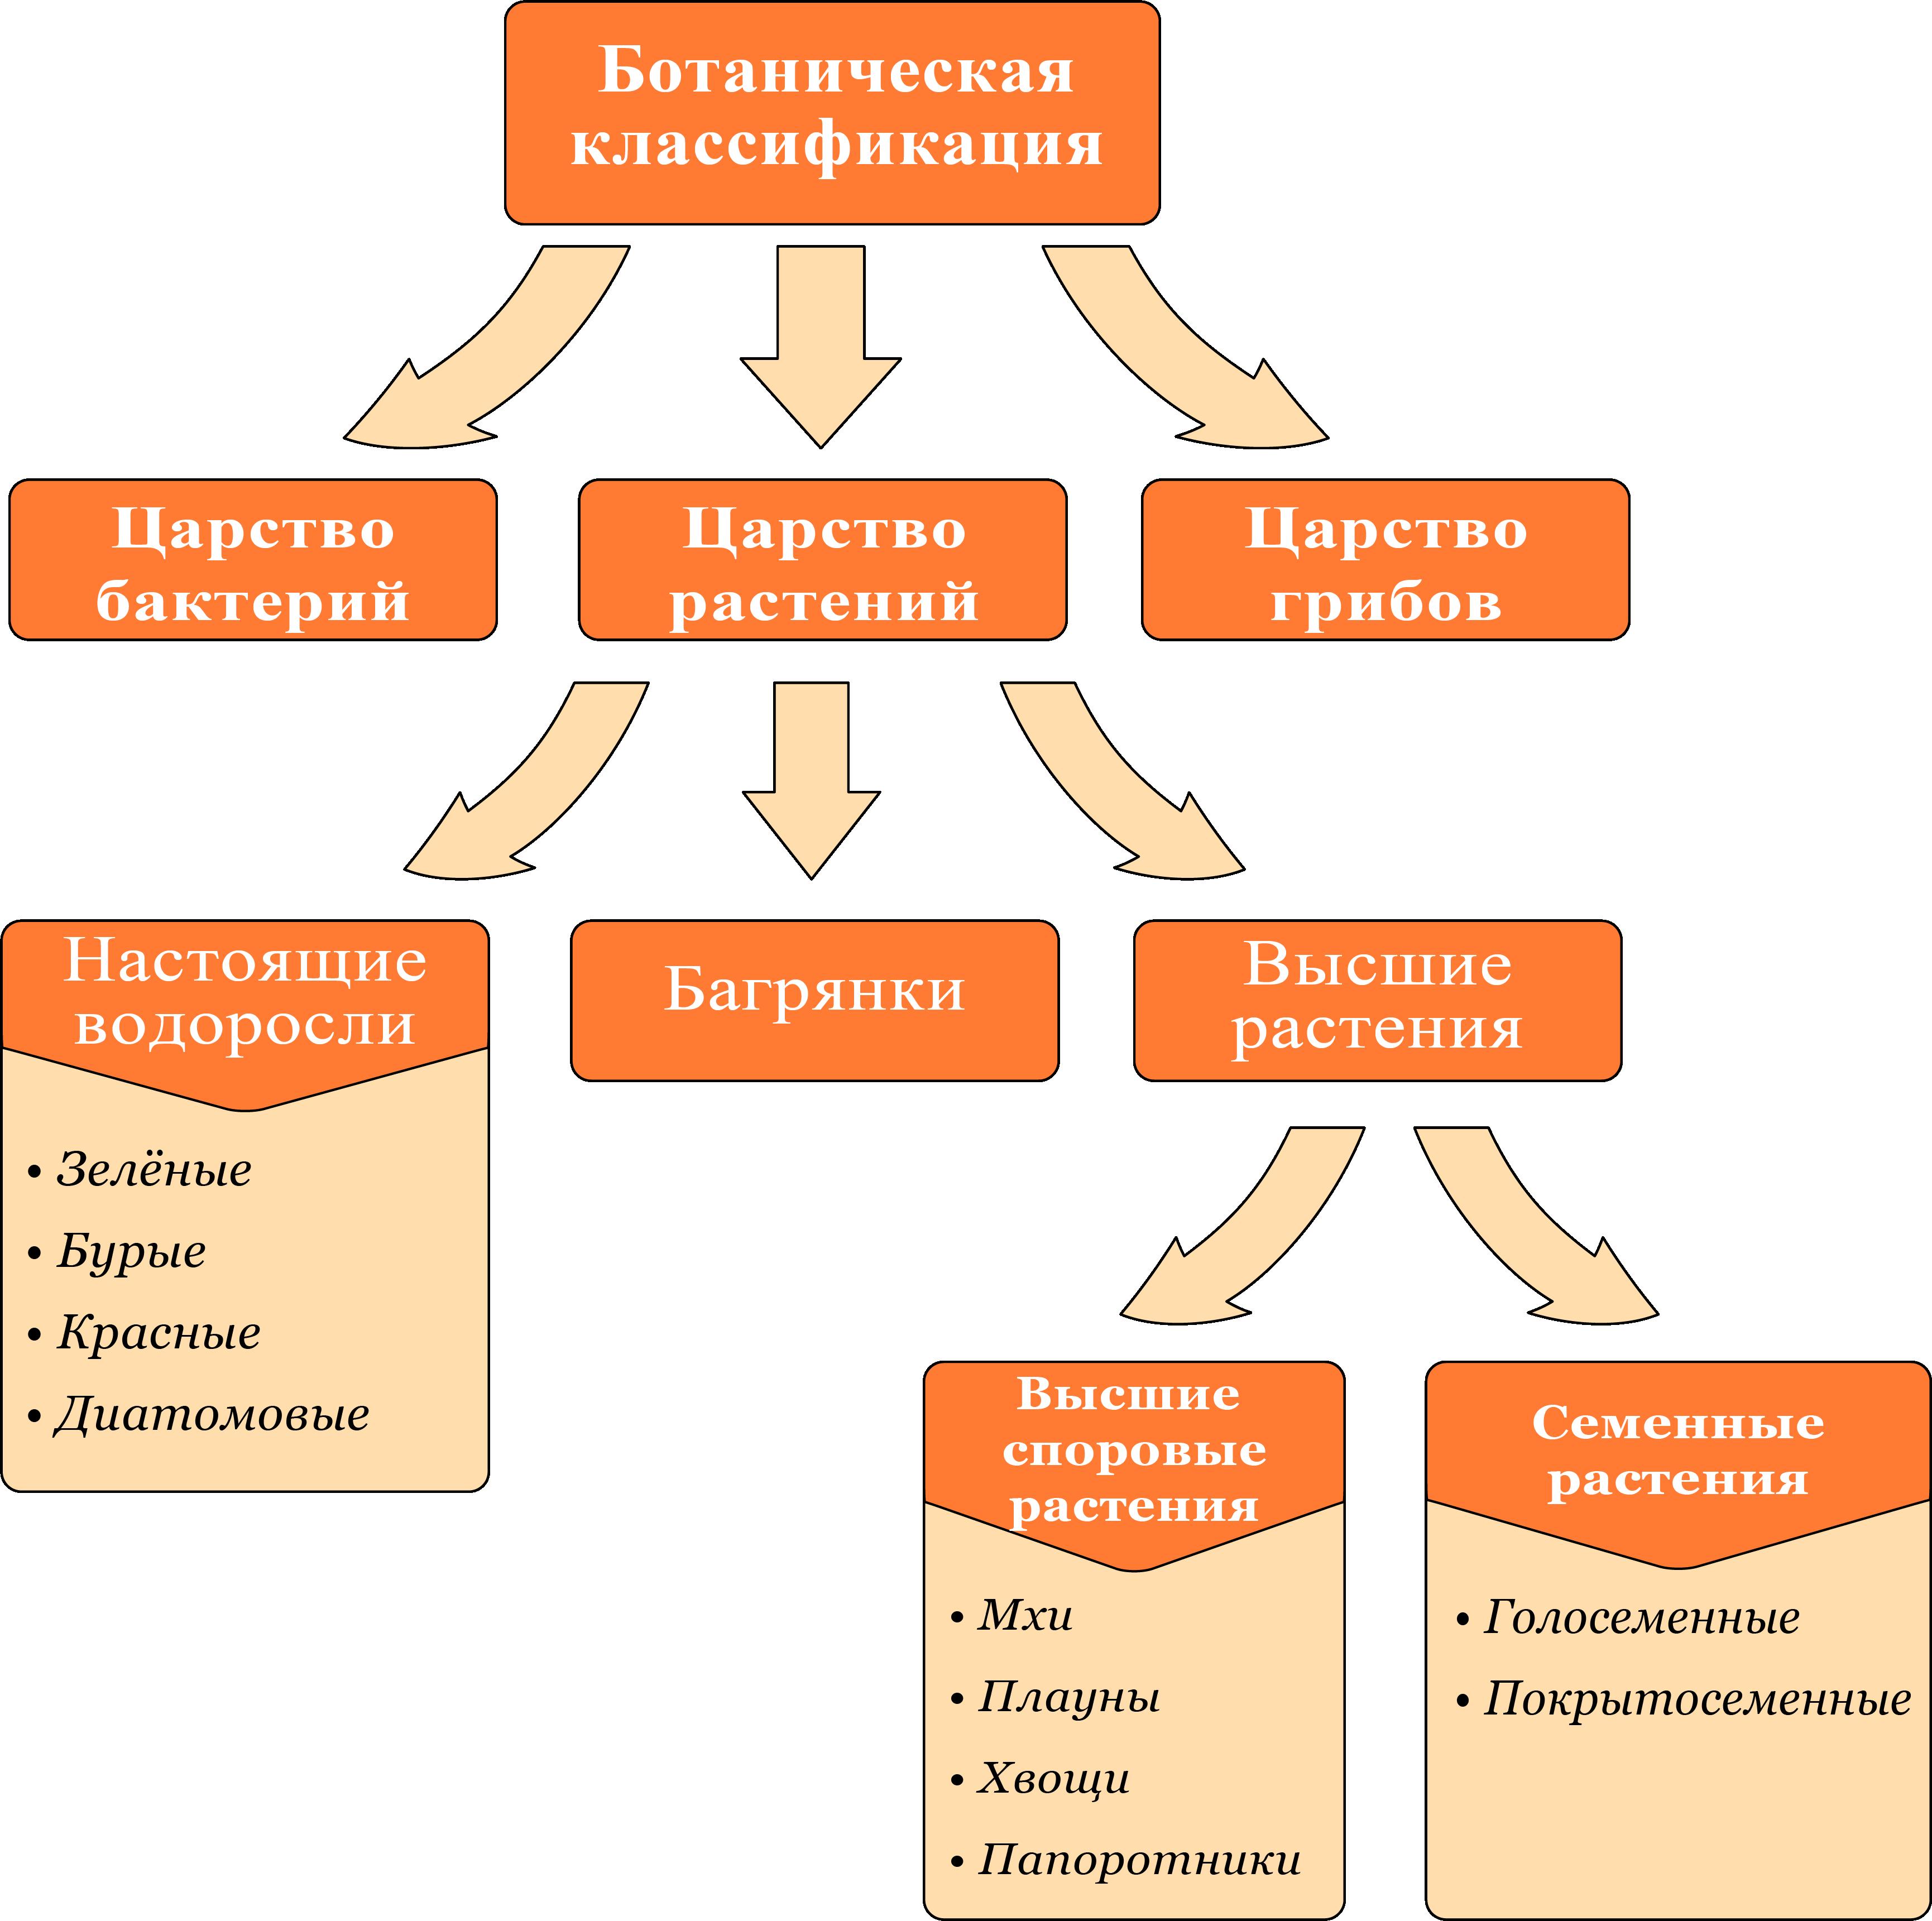 ботаническая классификация